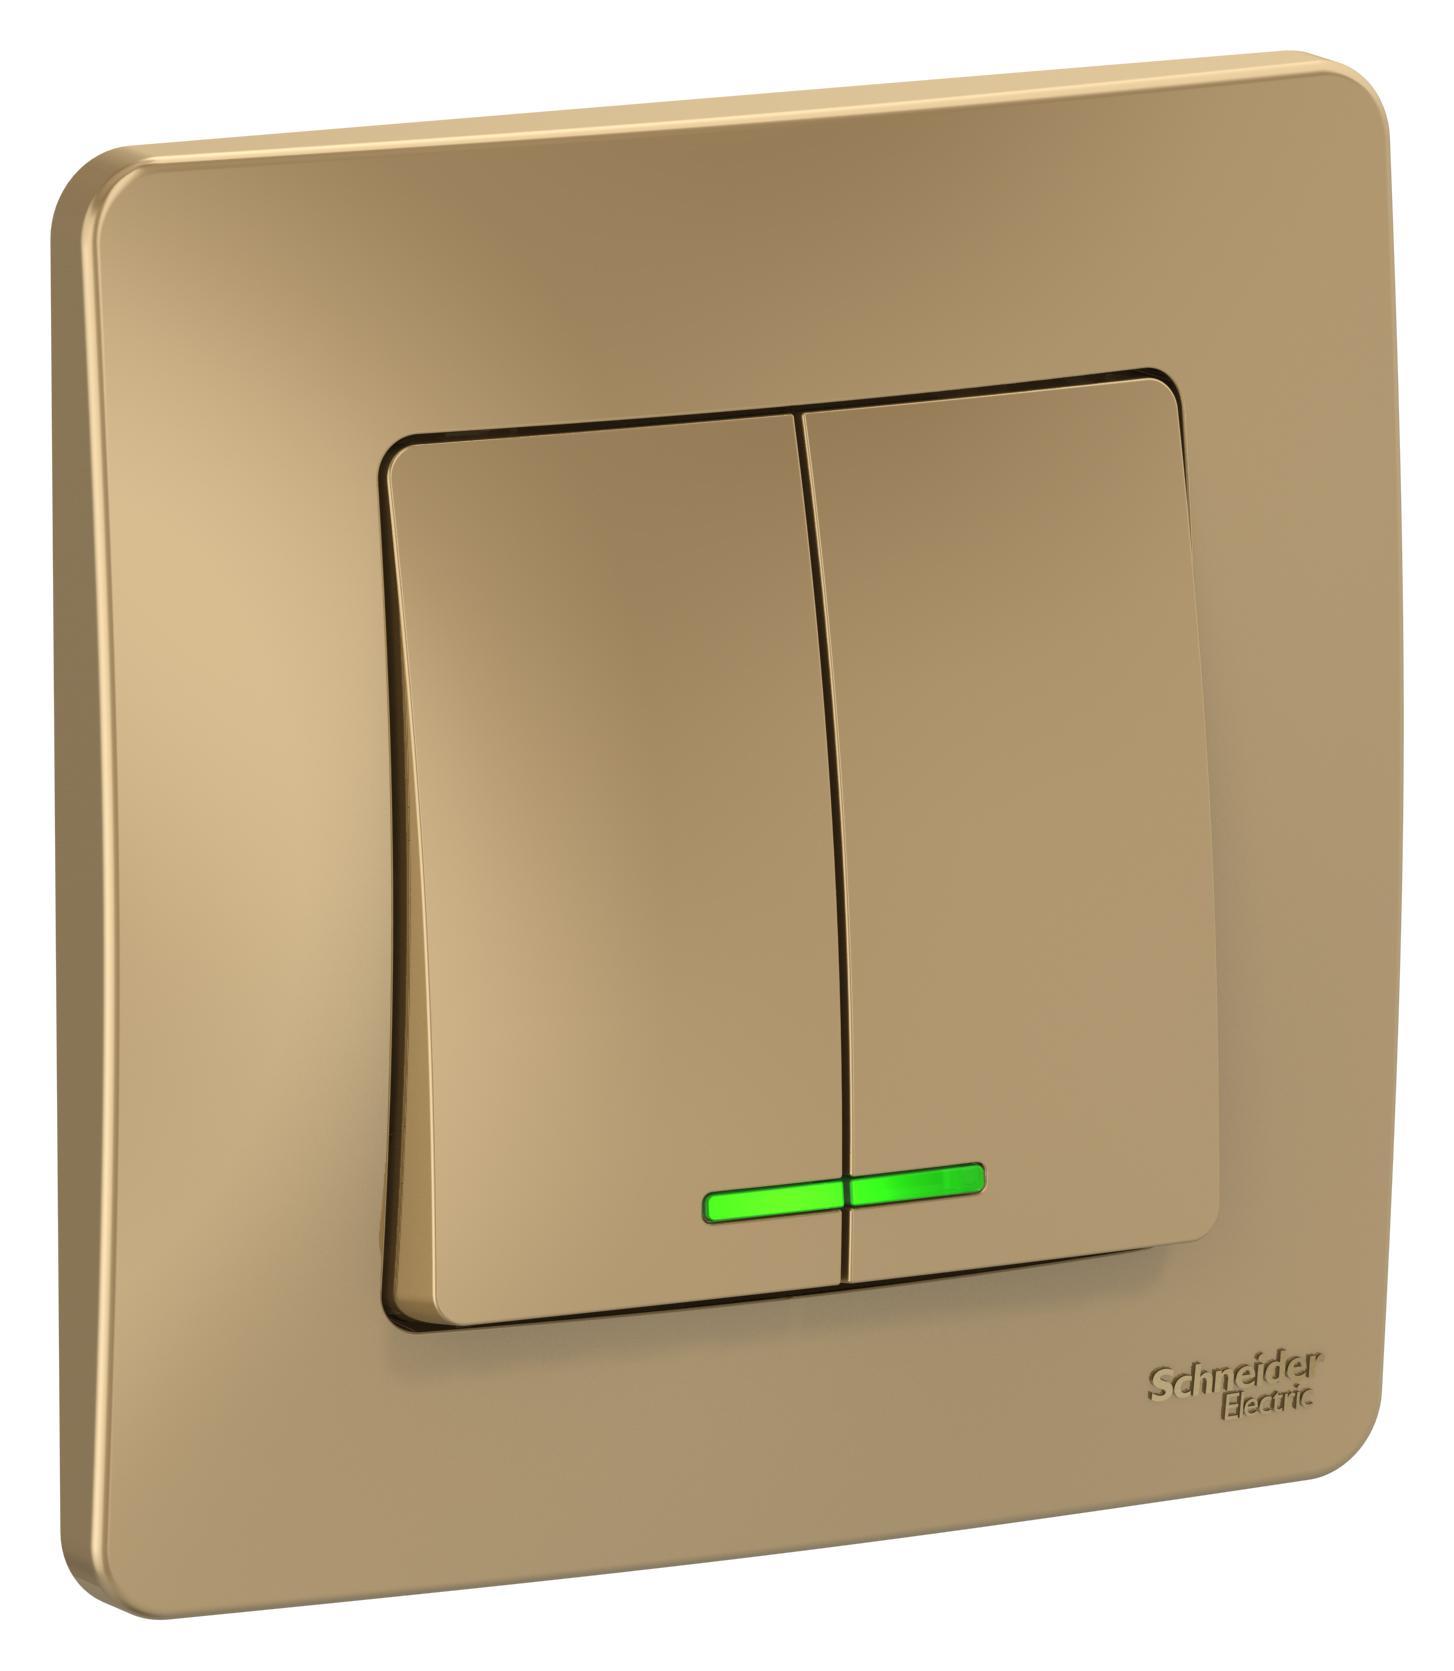 Выключатель Schneider electric Blnvs010514 blanca выключатель gsl000497 schneider electric